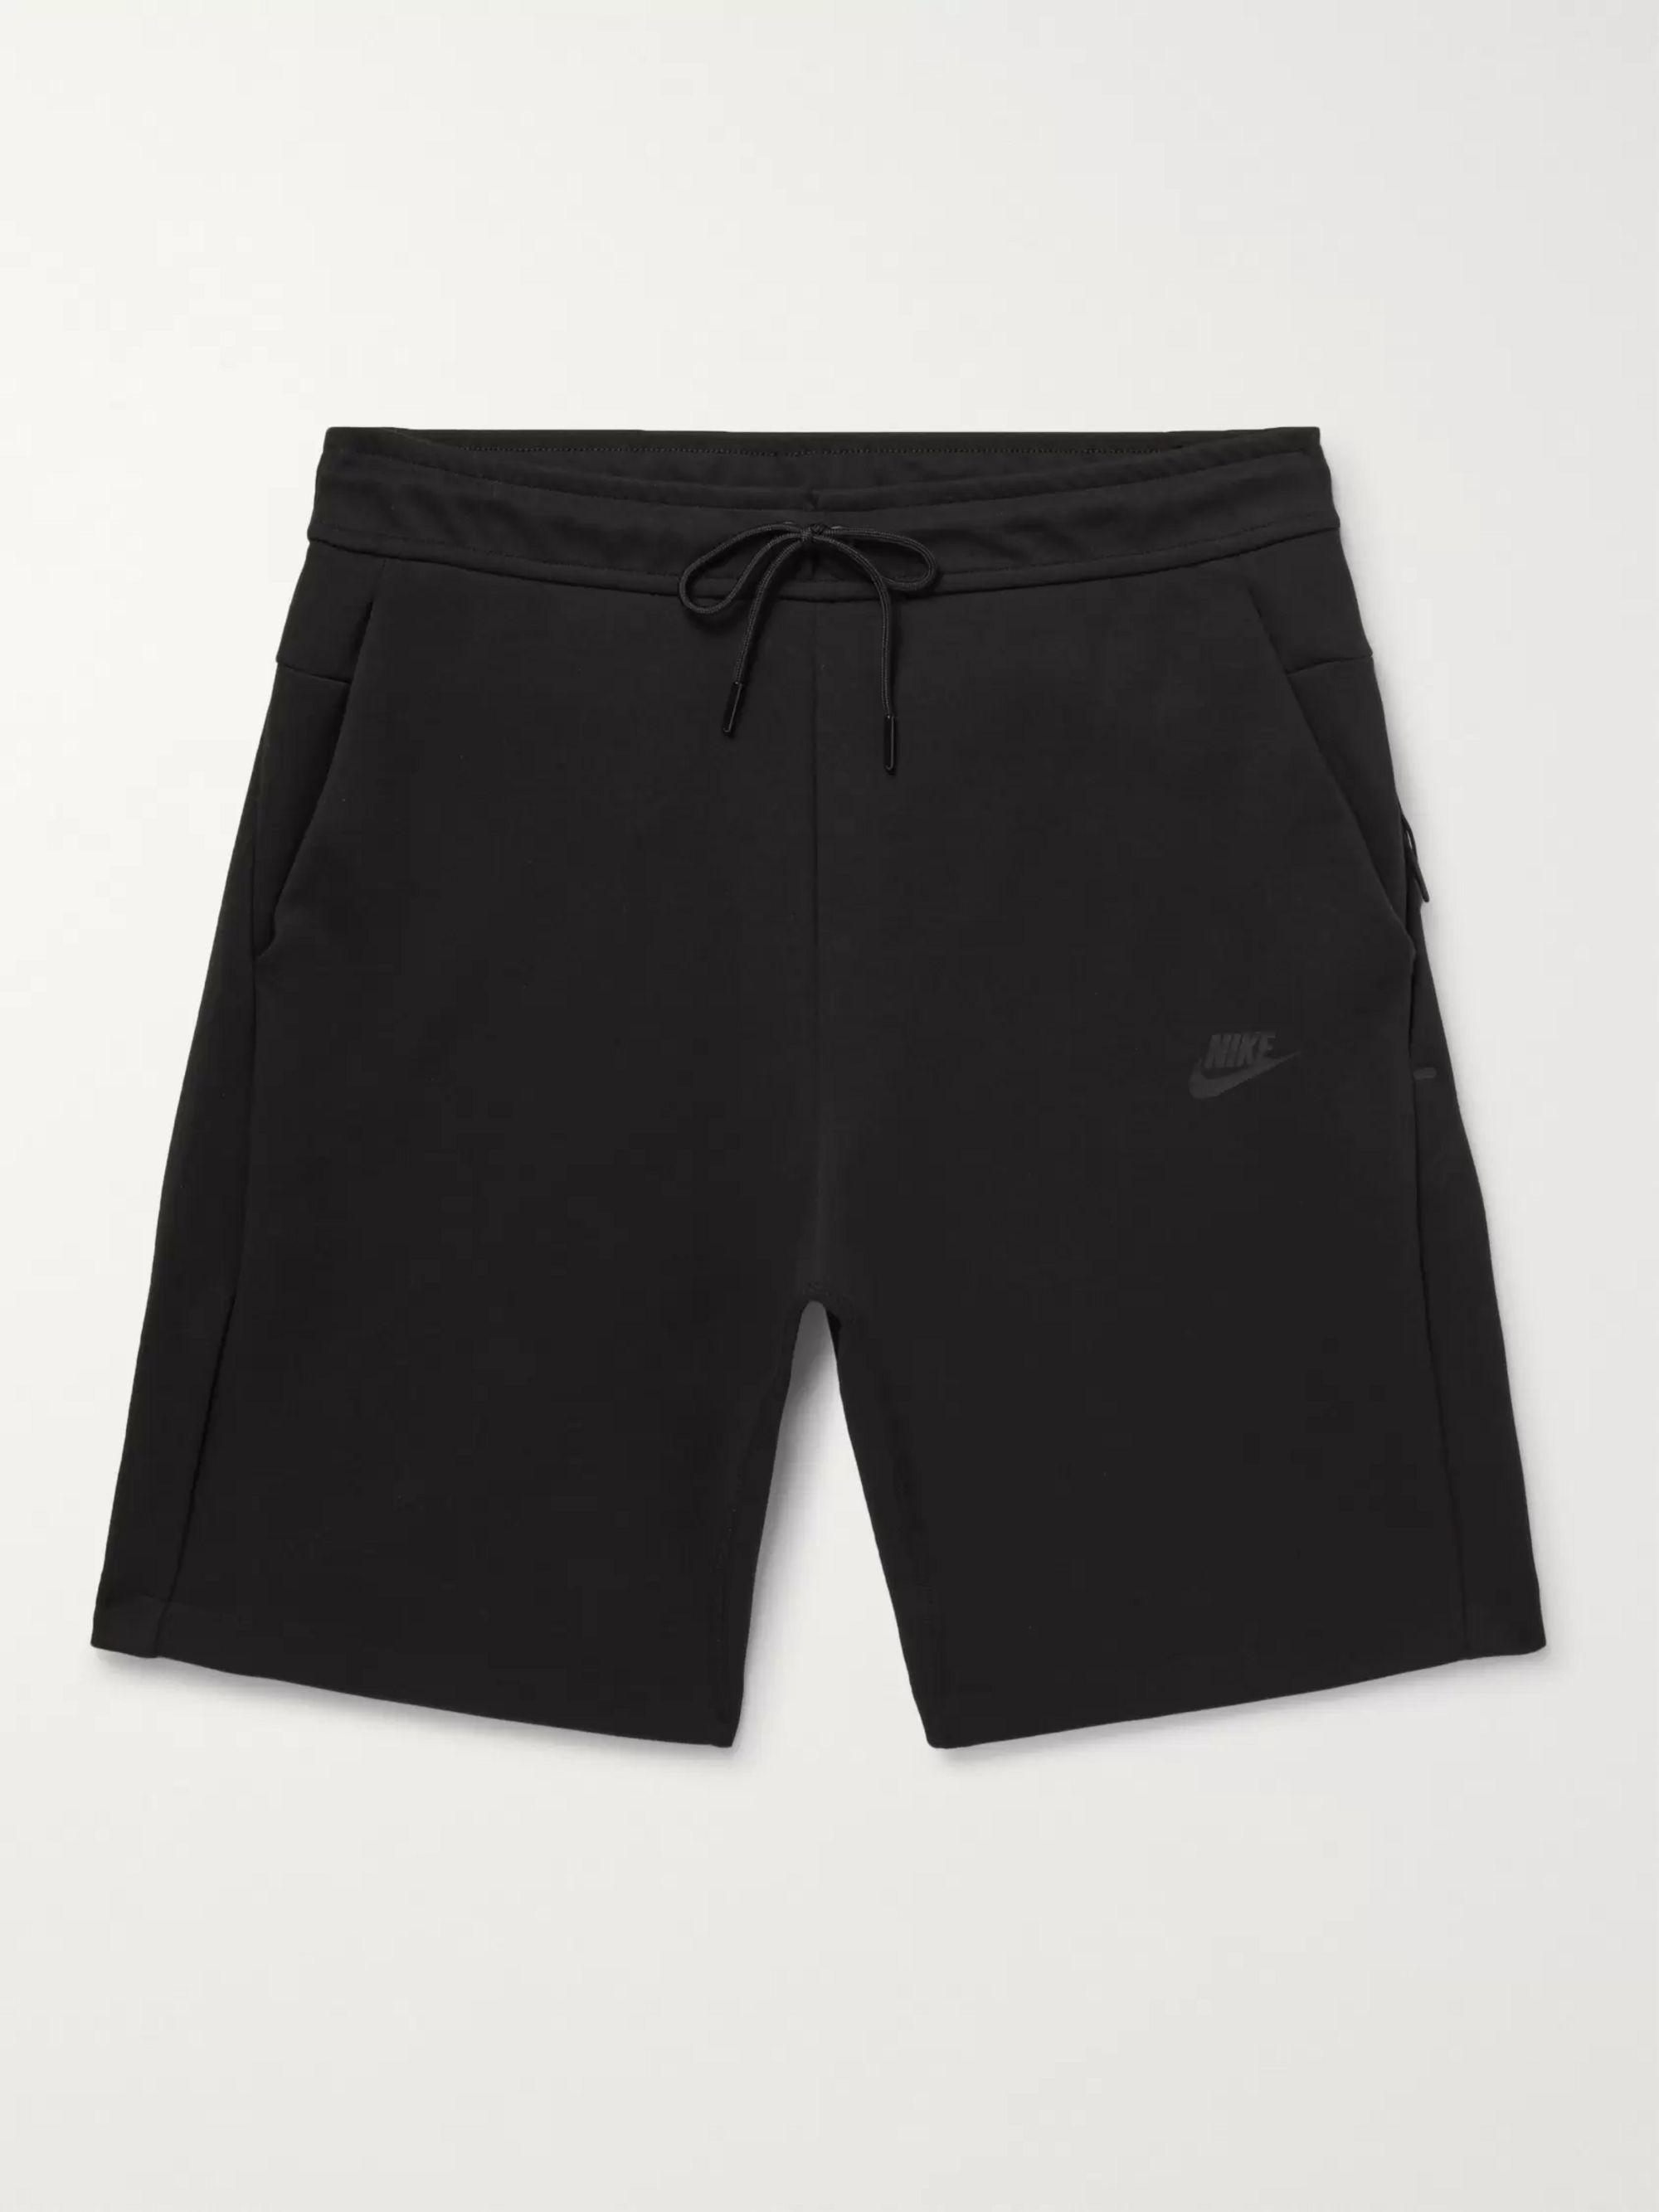 Cotton Blend Tech Fleece Shorts